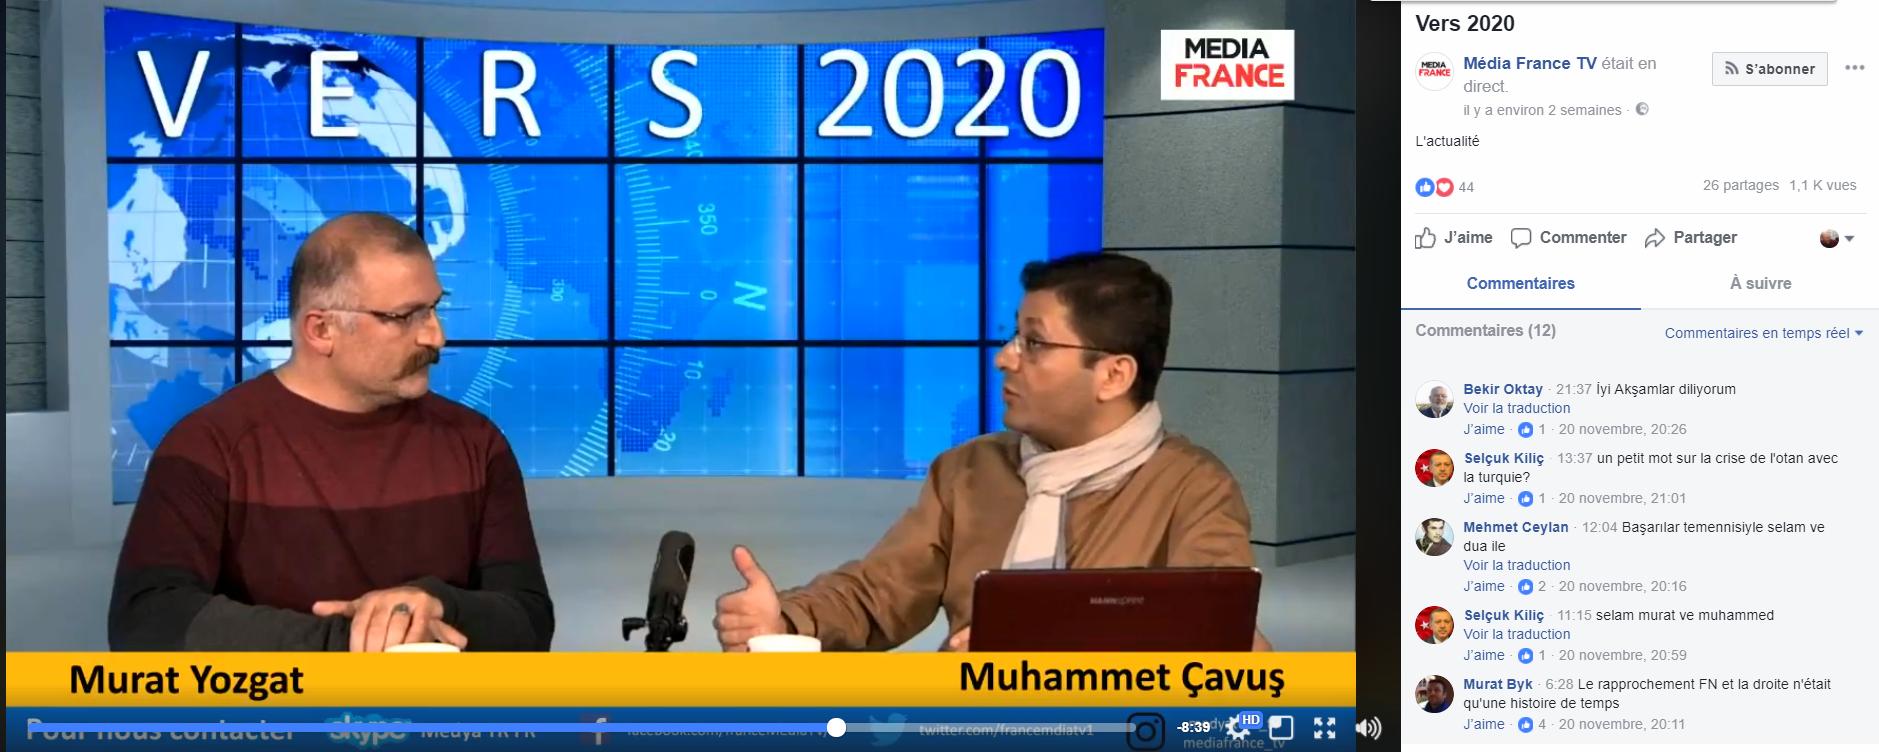 À Strasbourg, l'offensive des conservateurs sur les médias turcs